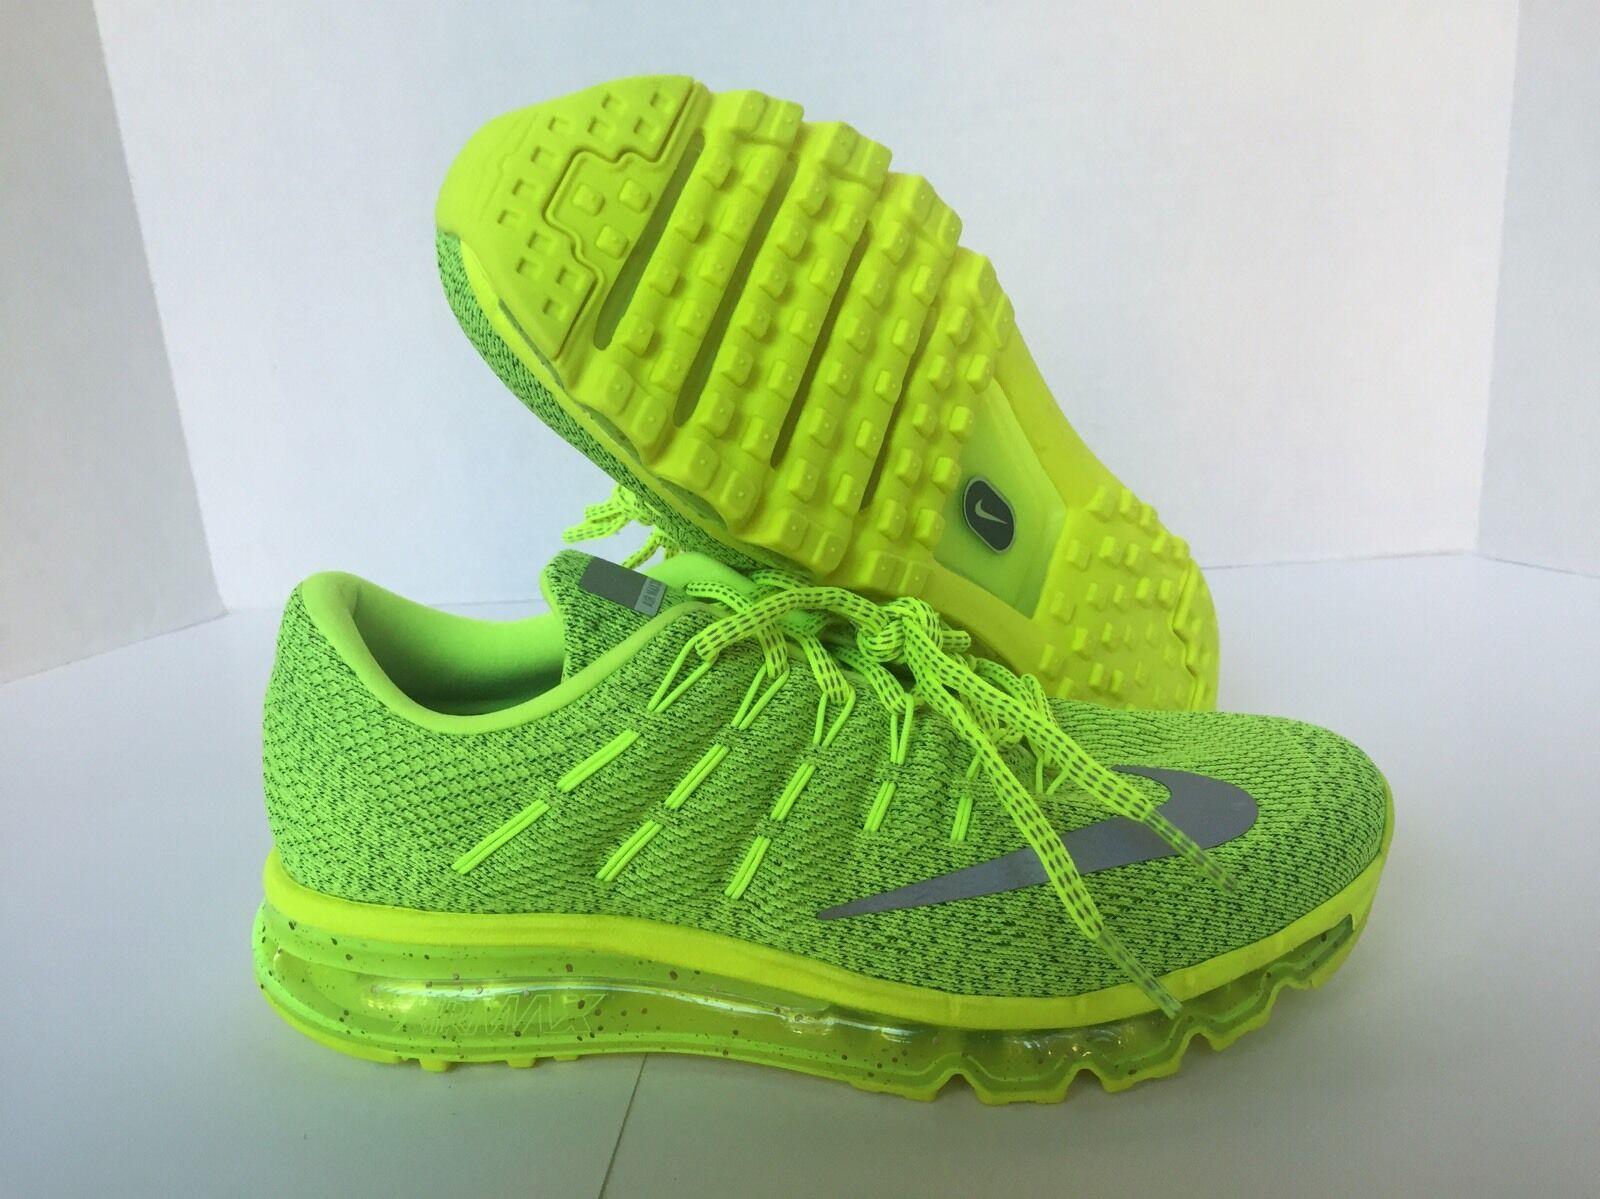 Nike air max multi - colore identificativo degli uomini nikeid scarpe da corsa 839368 991 sz - 8